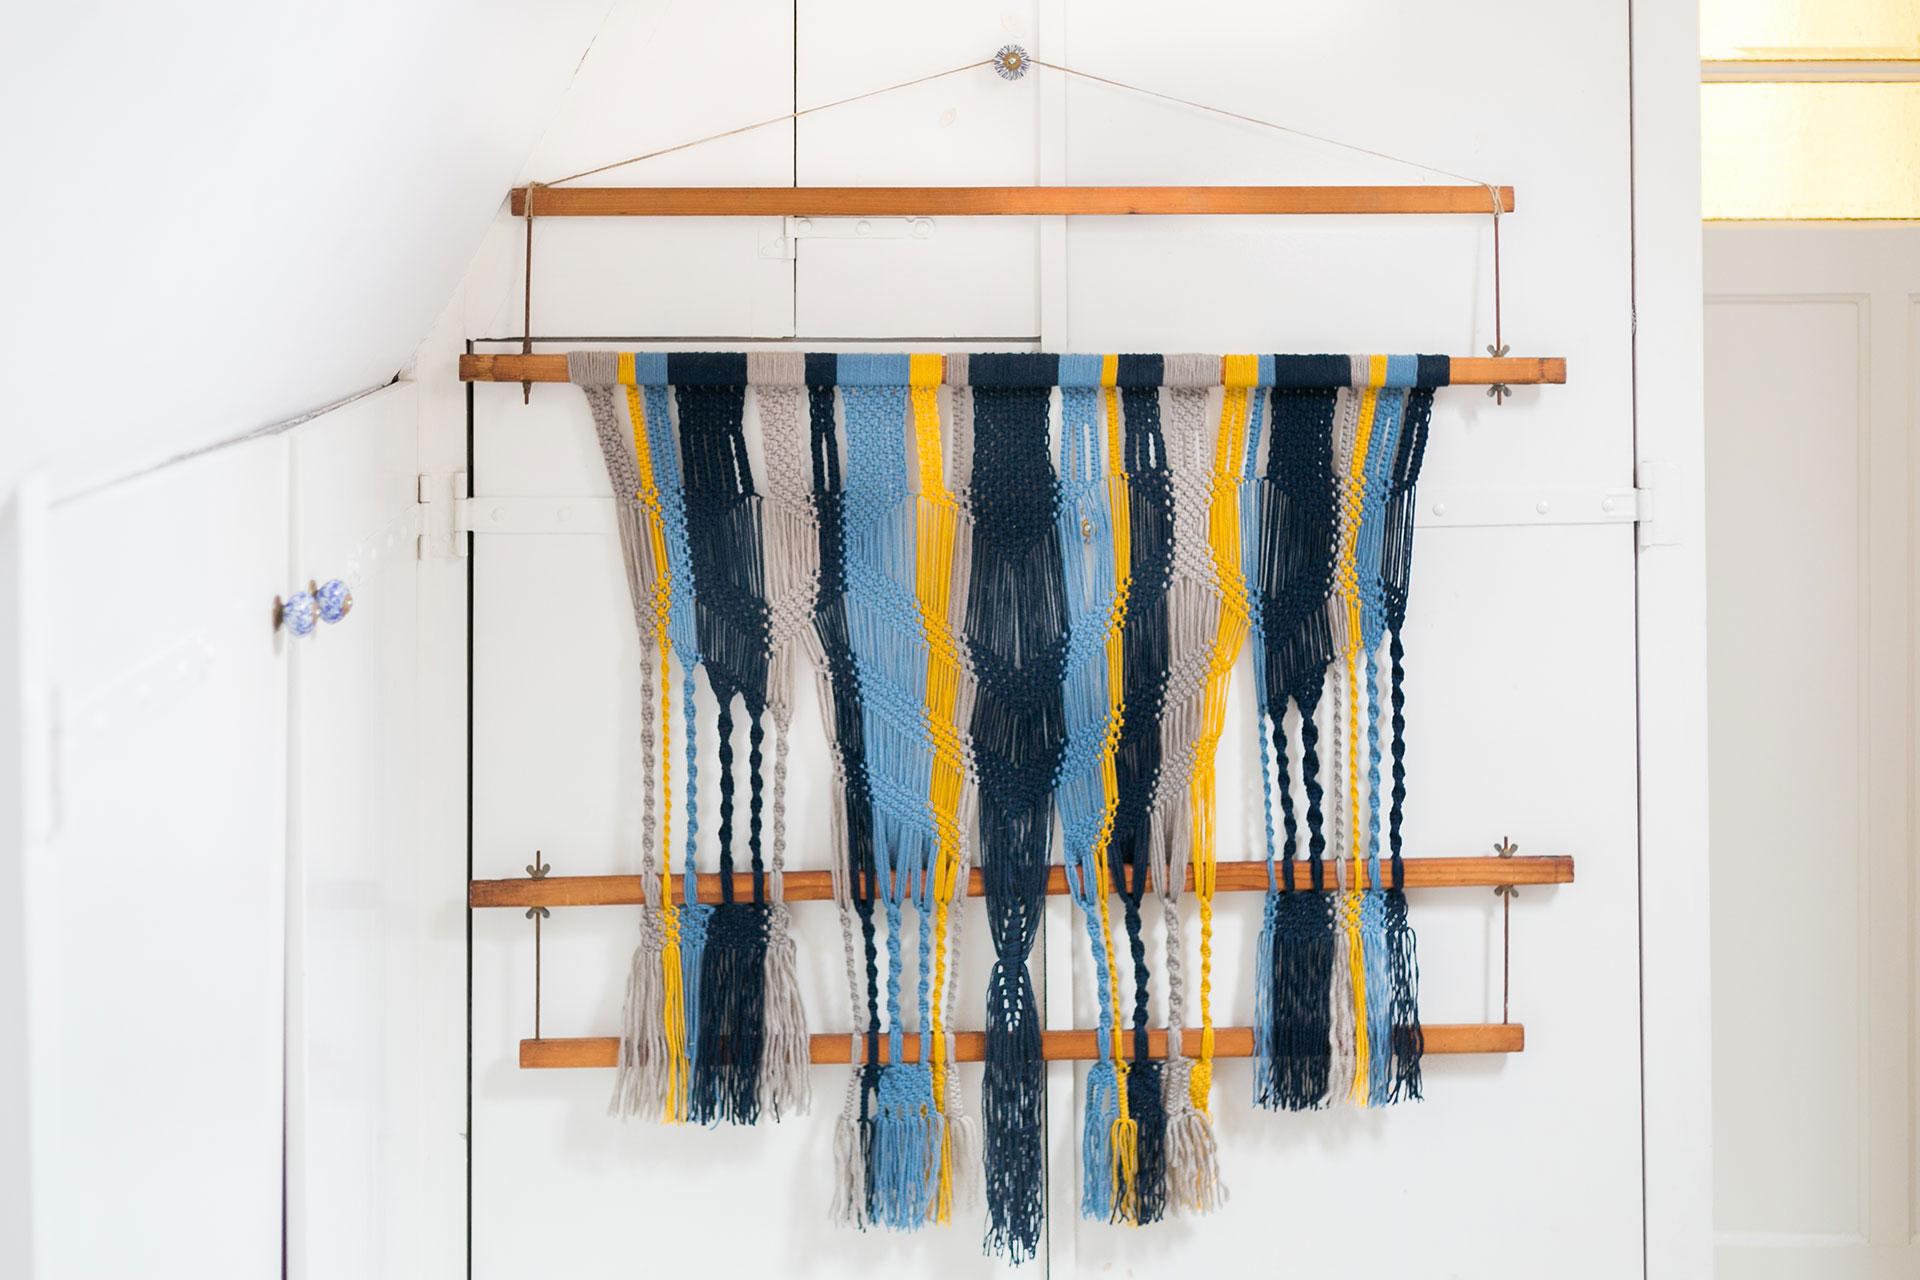 wallhanging_macrame_weaving_loom